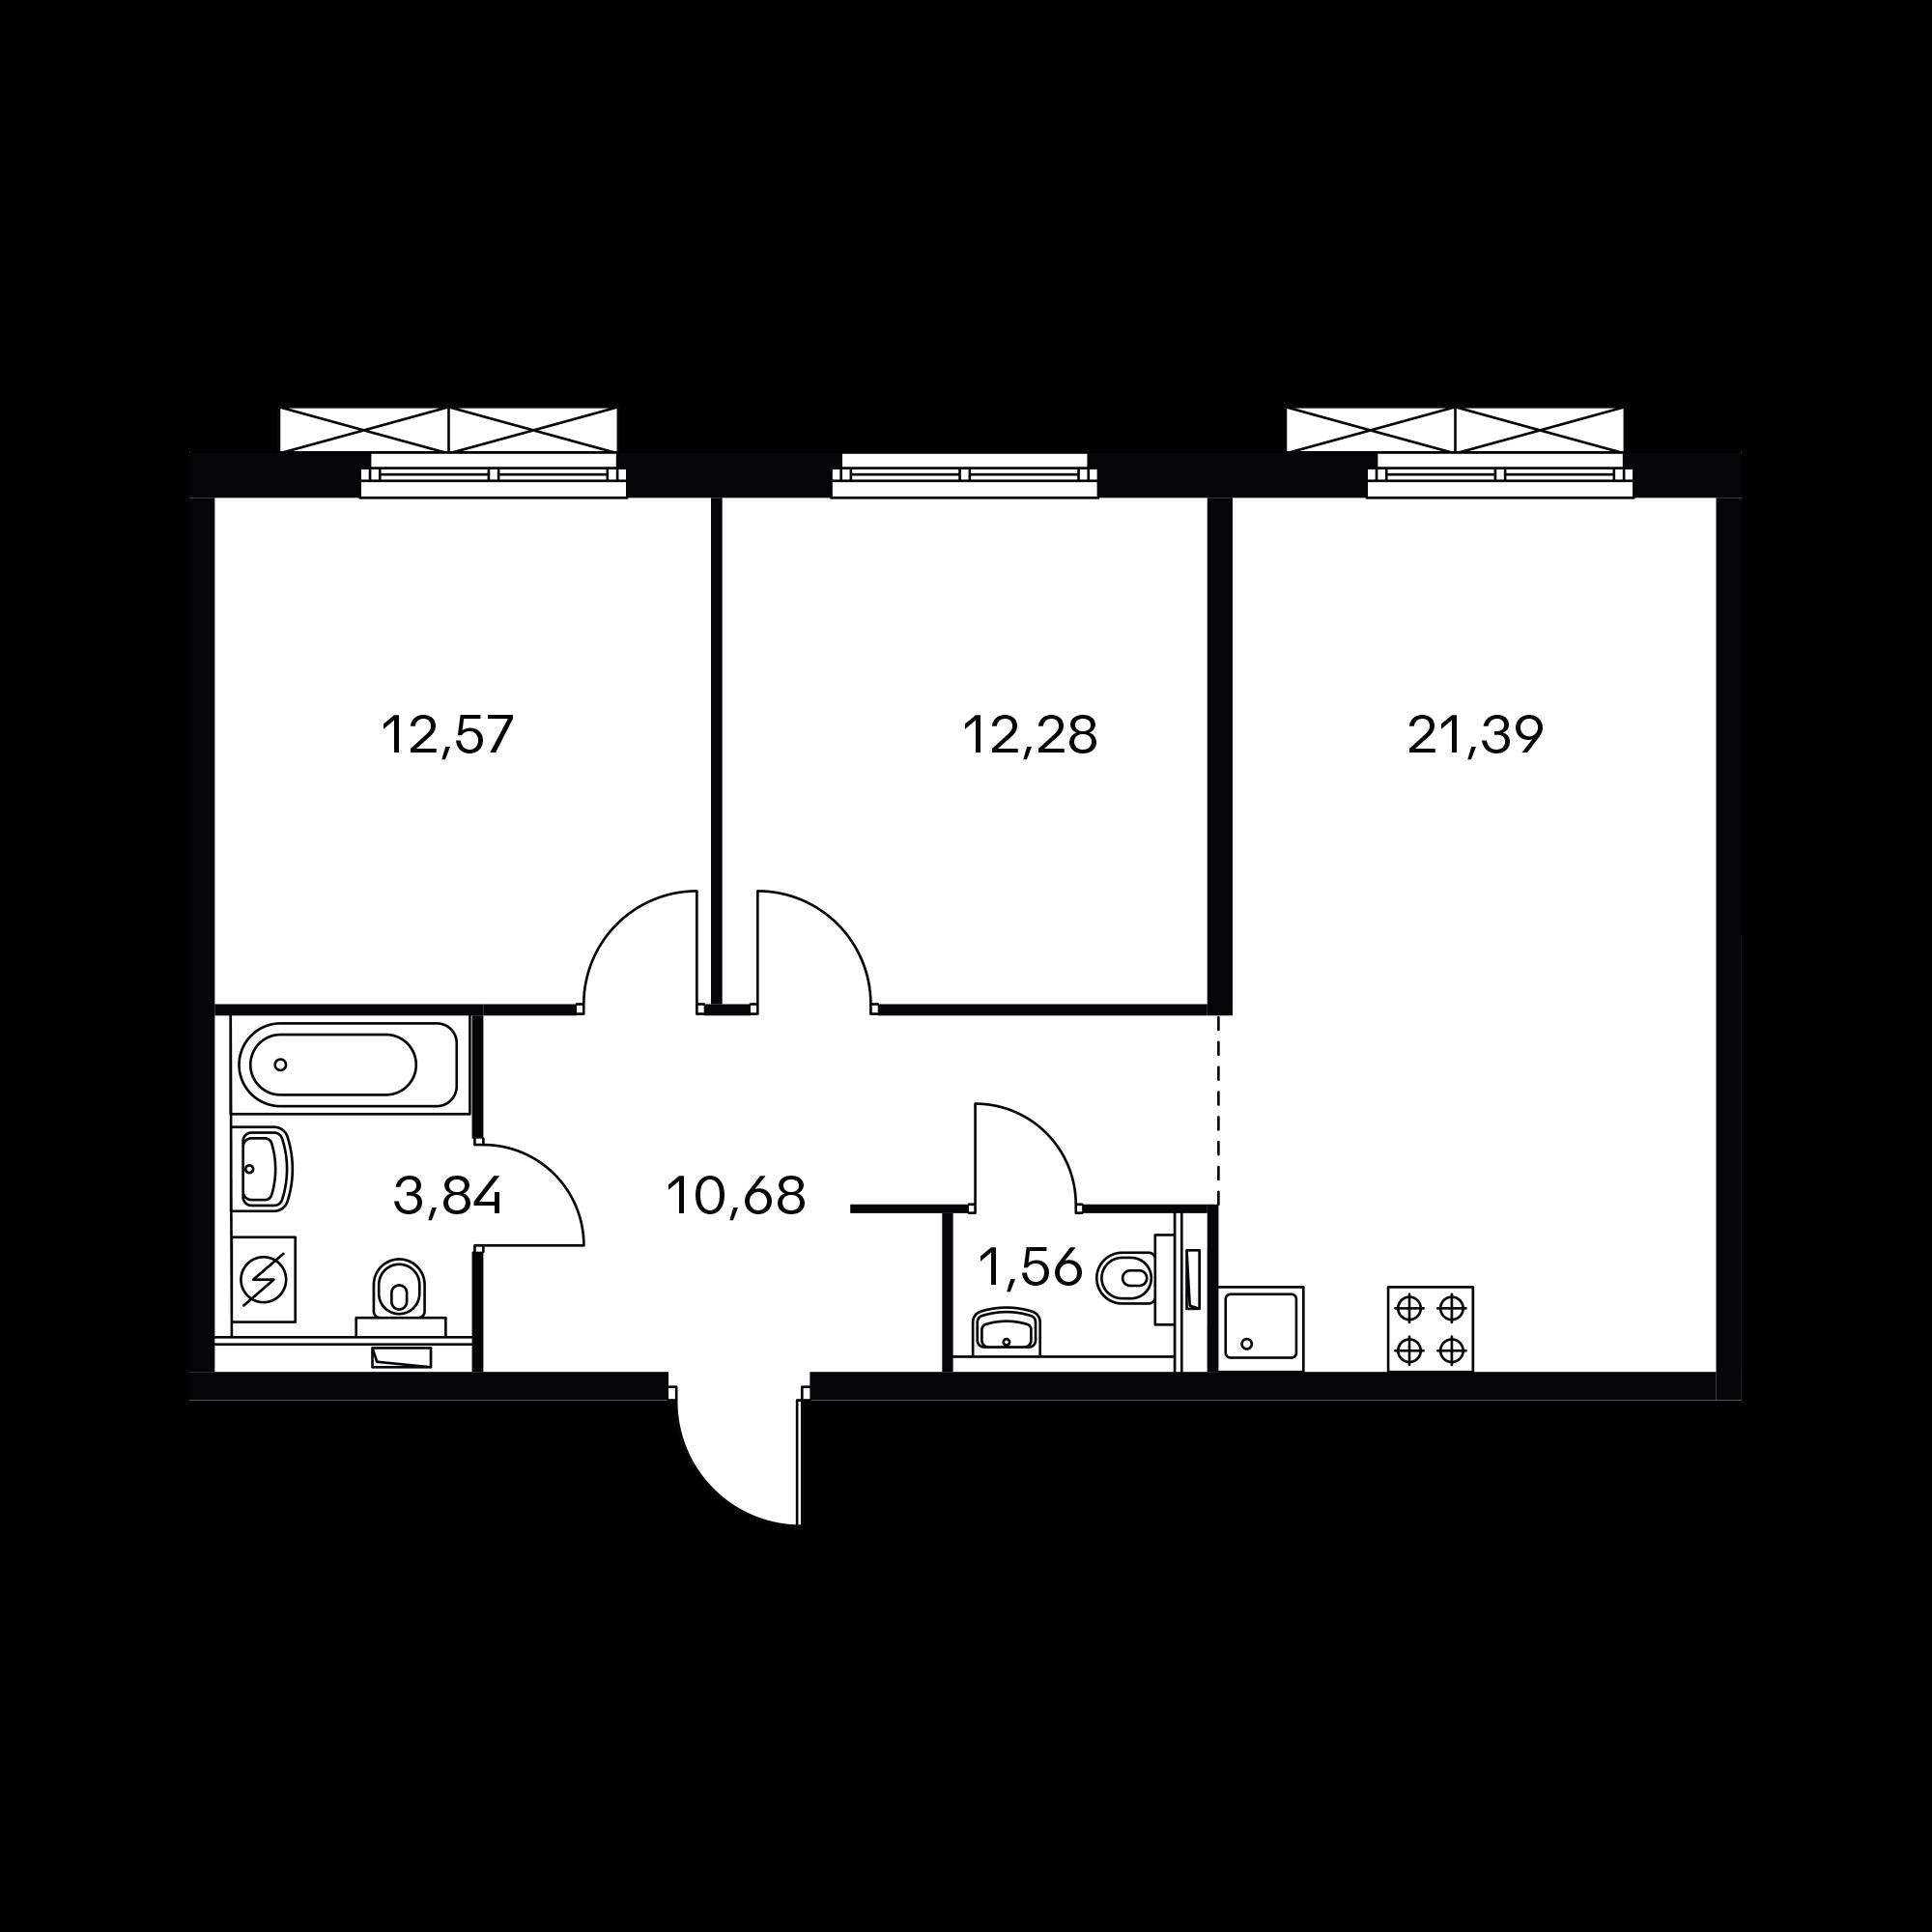 2EL8_10.8-1_S_Z2